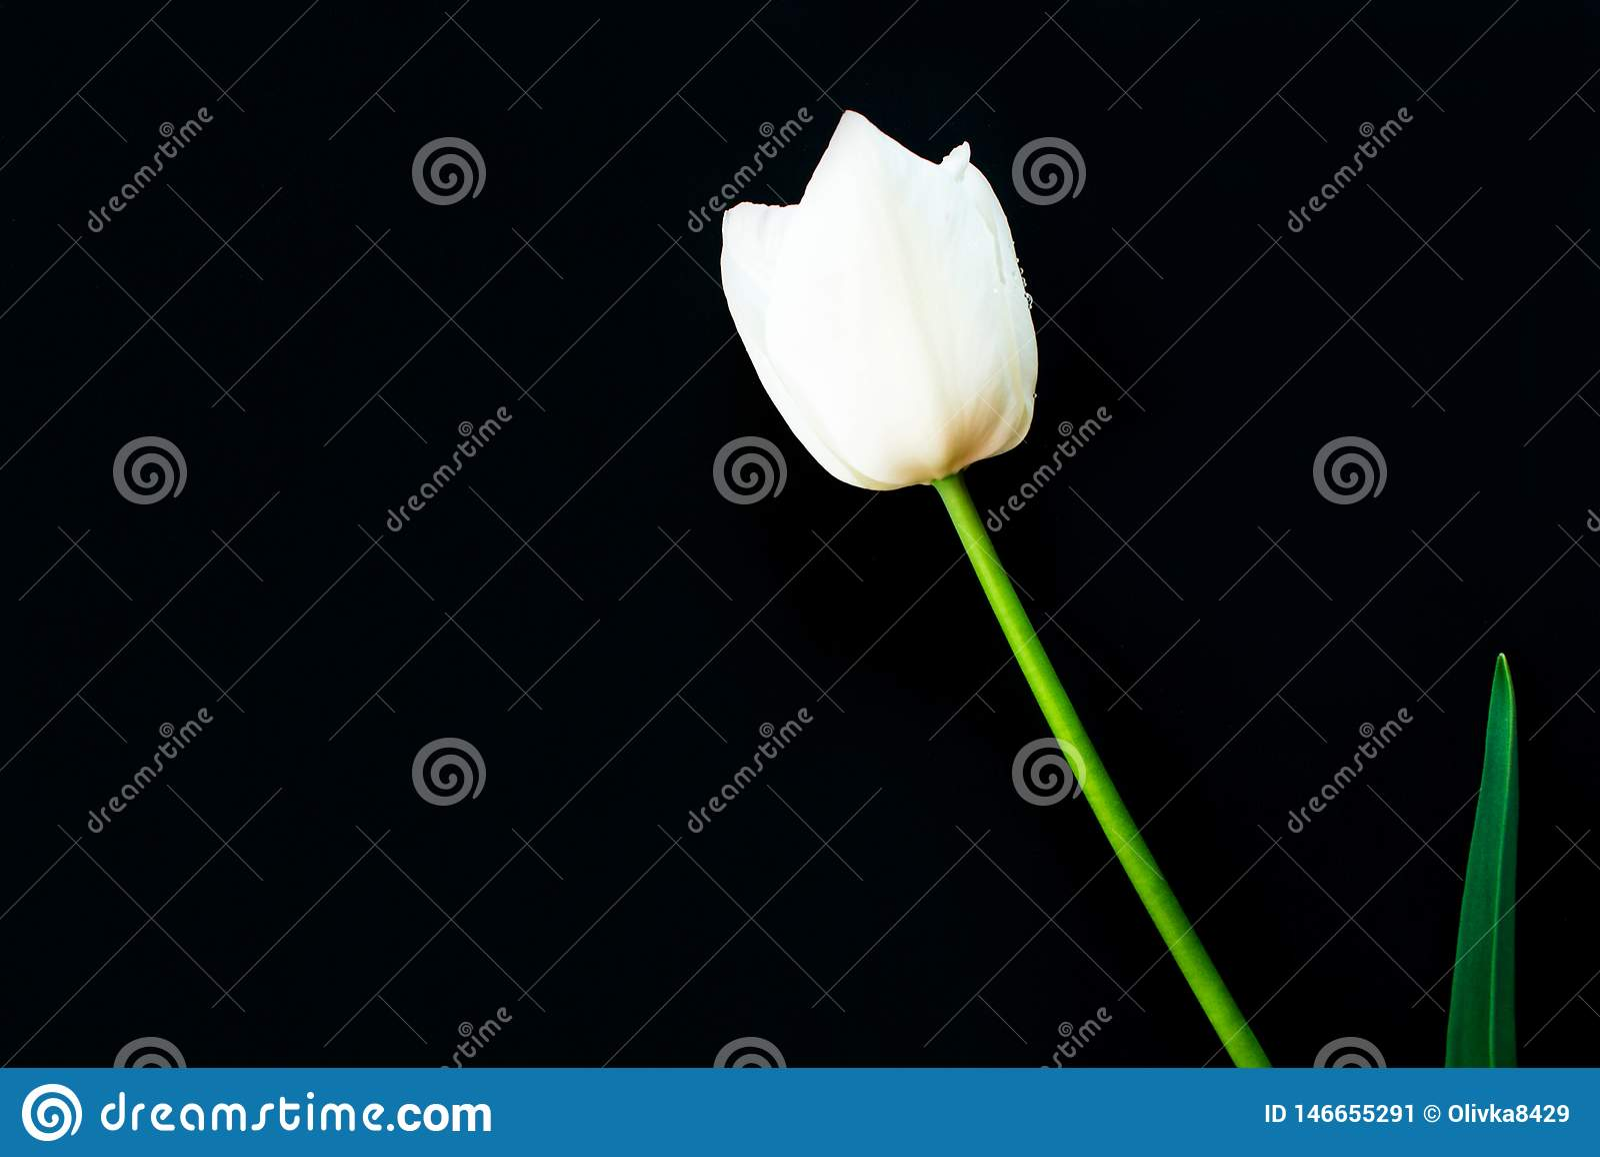 Odosobniony biały tulipan na czarnym tle